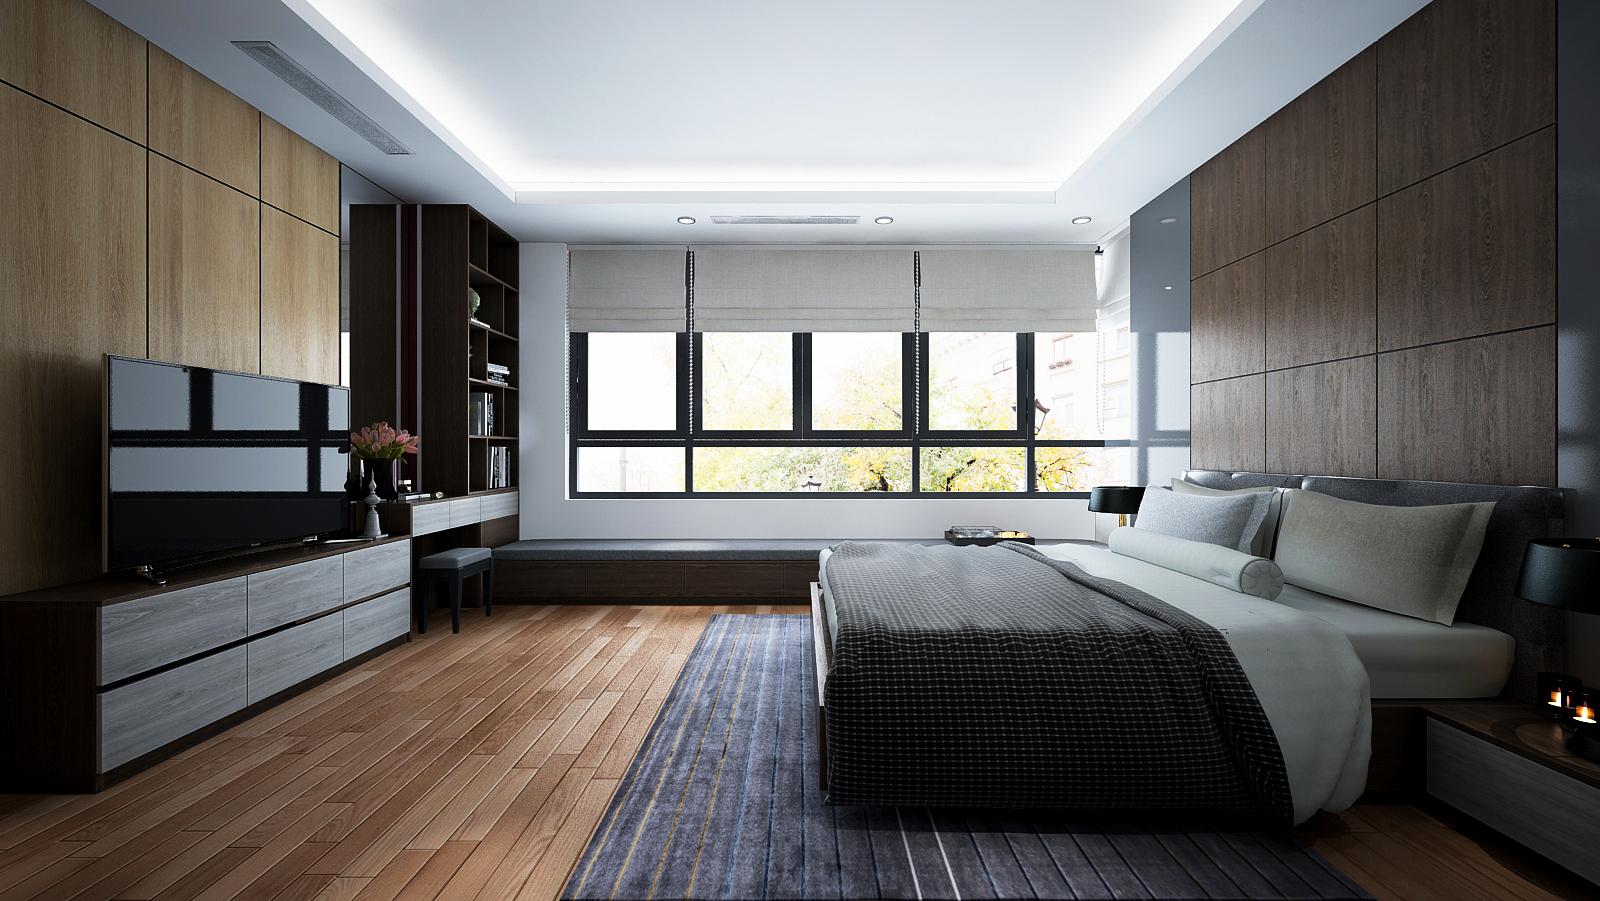 thiết kế nội thất biệt thự ciputra, biệt thự ciputra thiết kế, thiết kế nội thất biệt thự ciputra hà nội, căn hộ ciputra, biệt thự ciputra